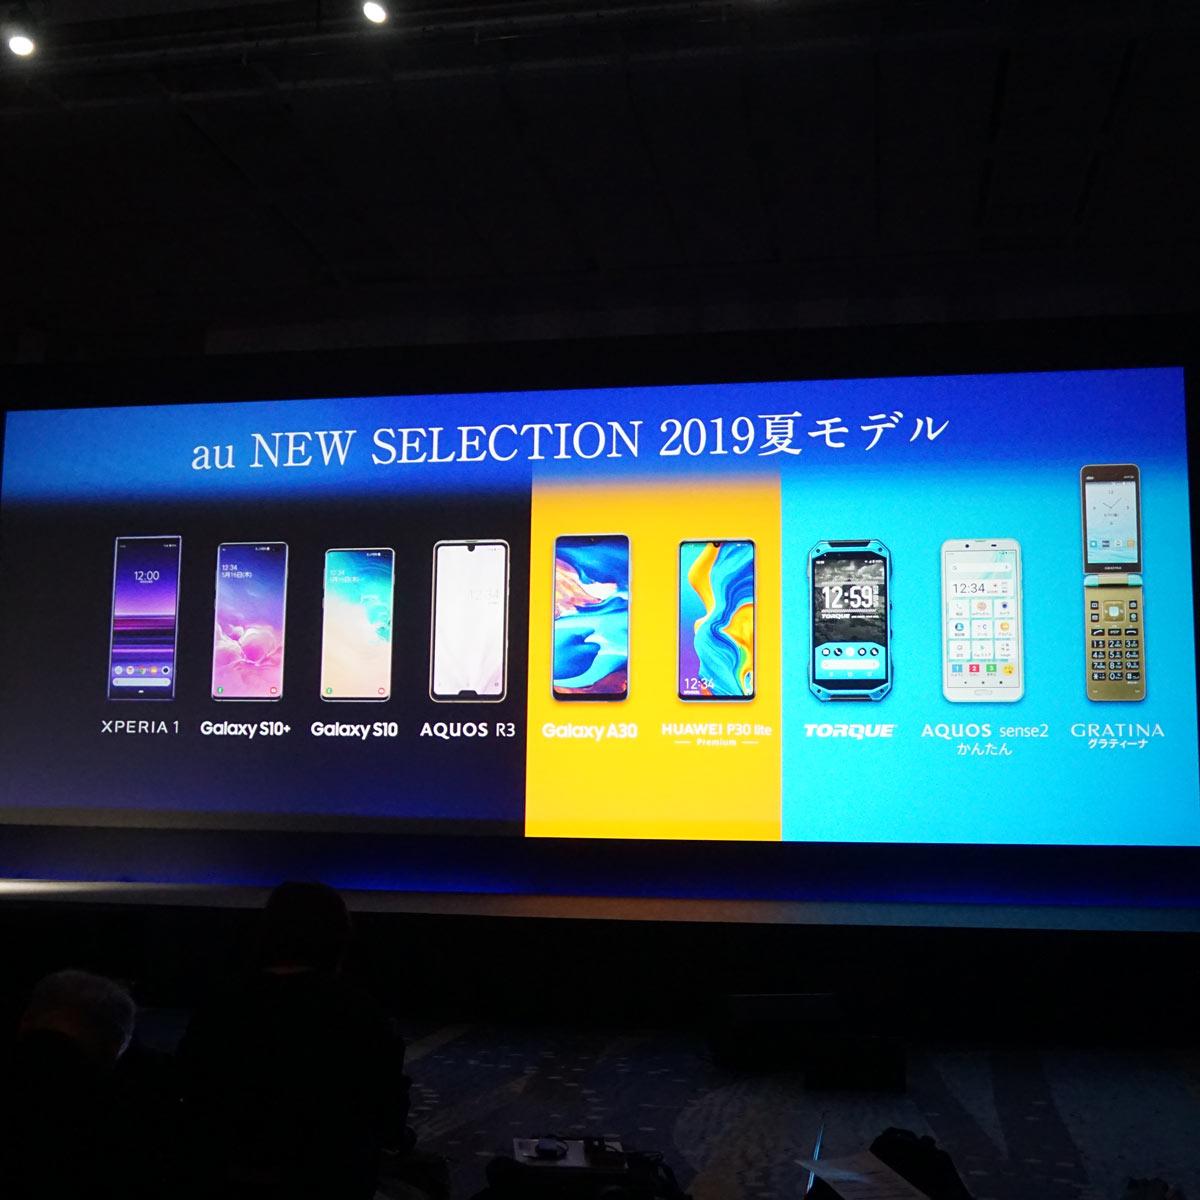 auが「Xperia 1」や「Galaxy S10」など夏スマホ新モデルを発表